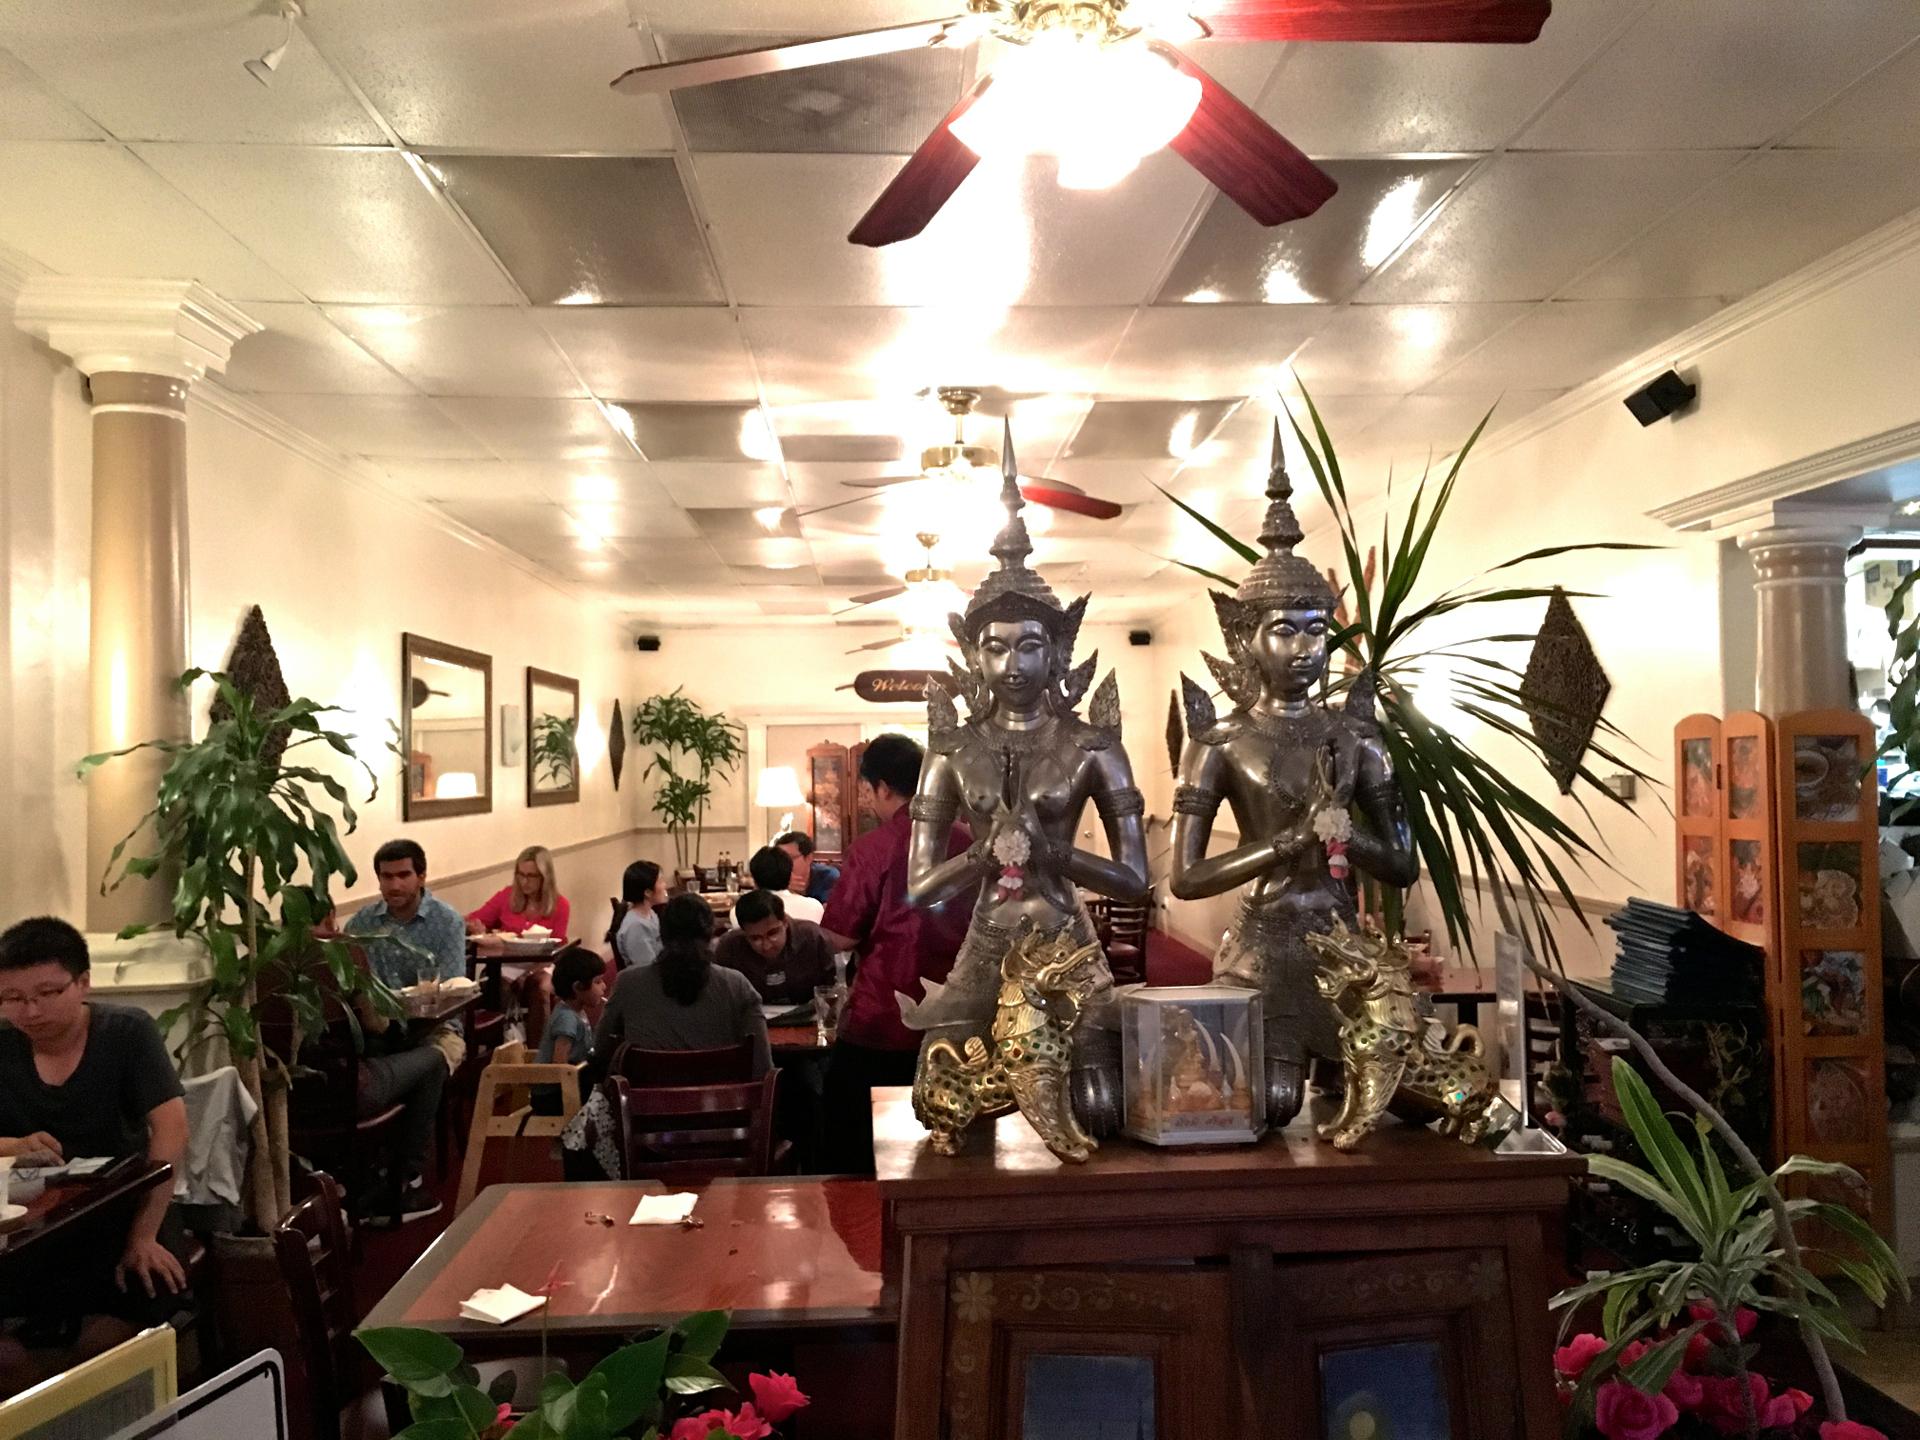 Inside Dusita Thai Cuisine in Santa Clara.